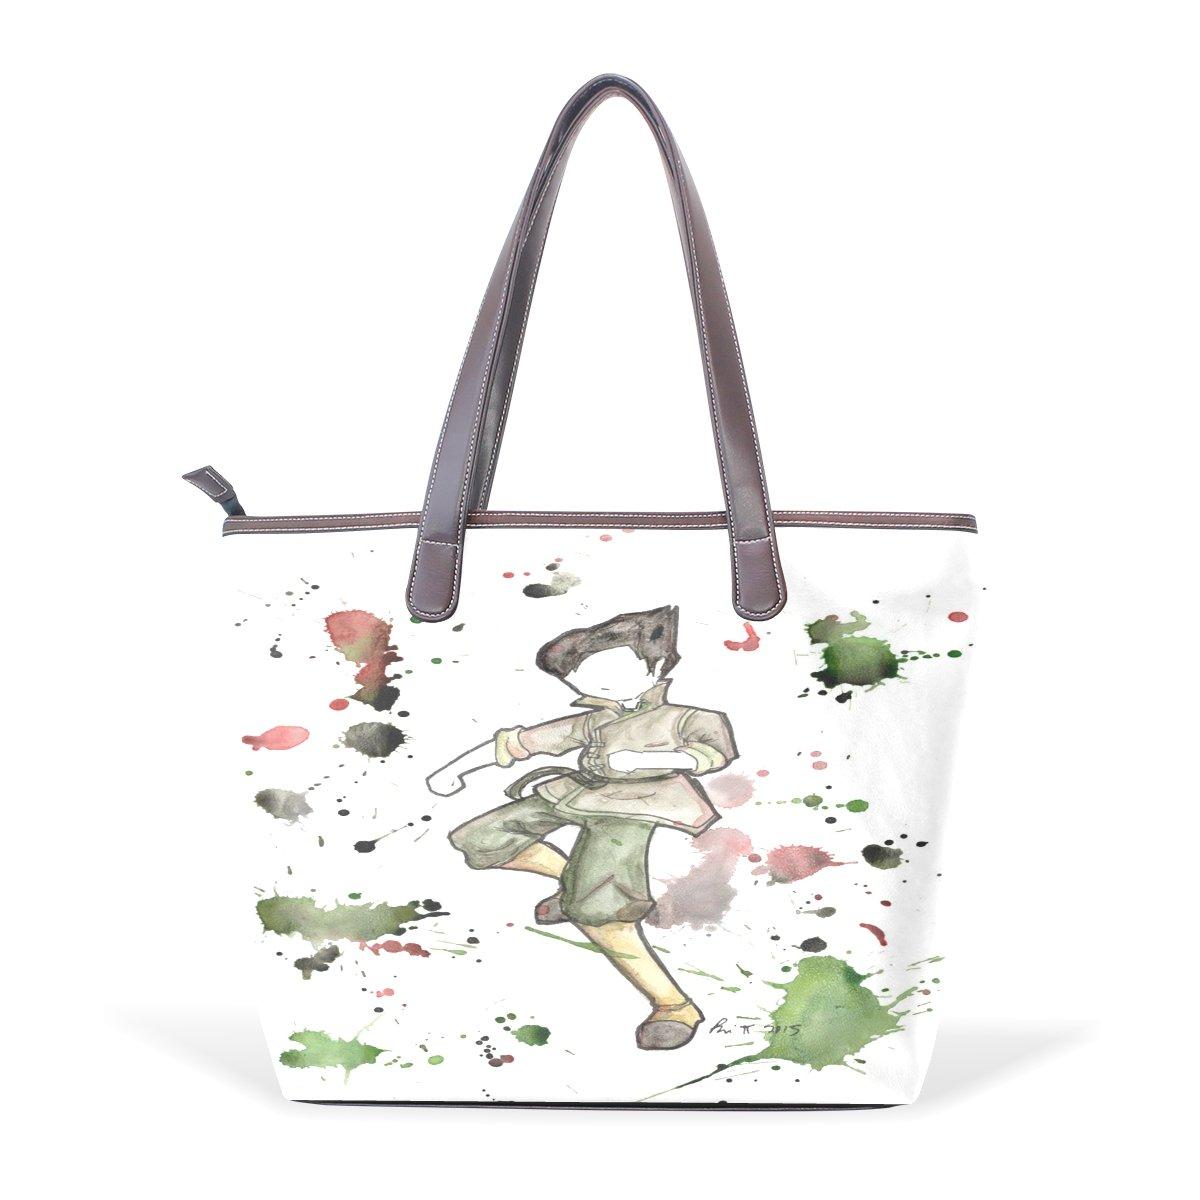 Ye Store Outline Lady PU Leather Handbag Tote Bag Shoulder Bag Shopping Bag